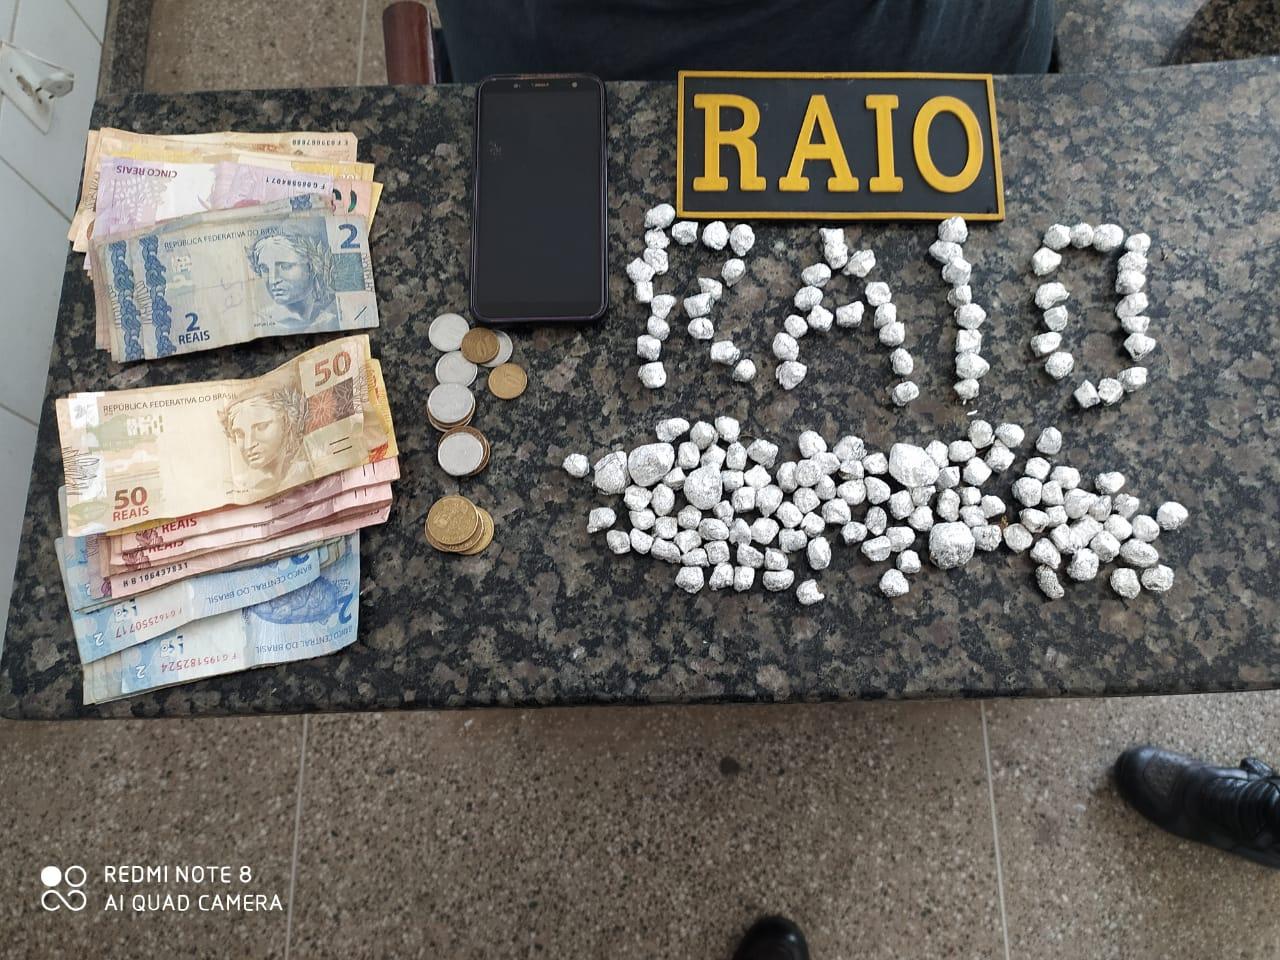 Homem é preso por tráfico de drogas após ser flagrado com 161 papelotes de maconha em Crato FOTO REDES SOCIAIS